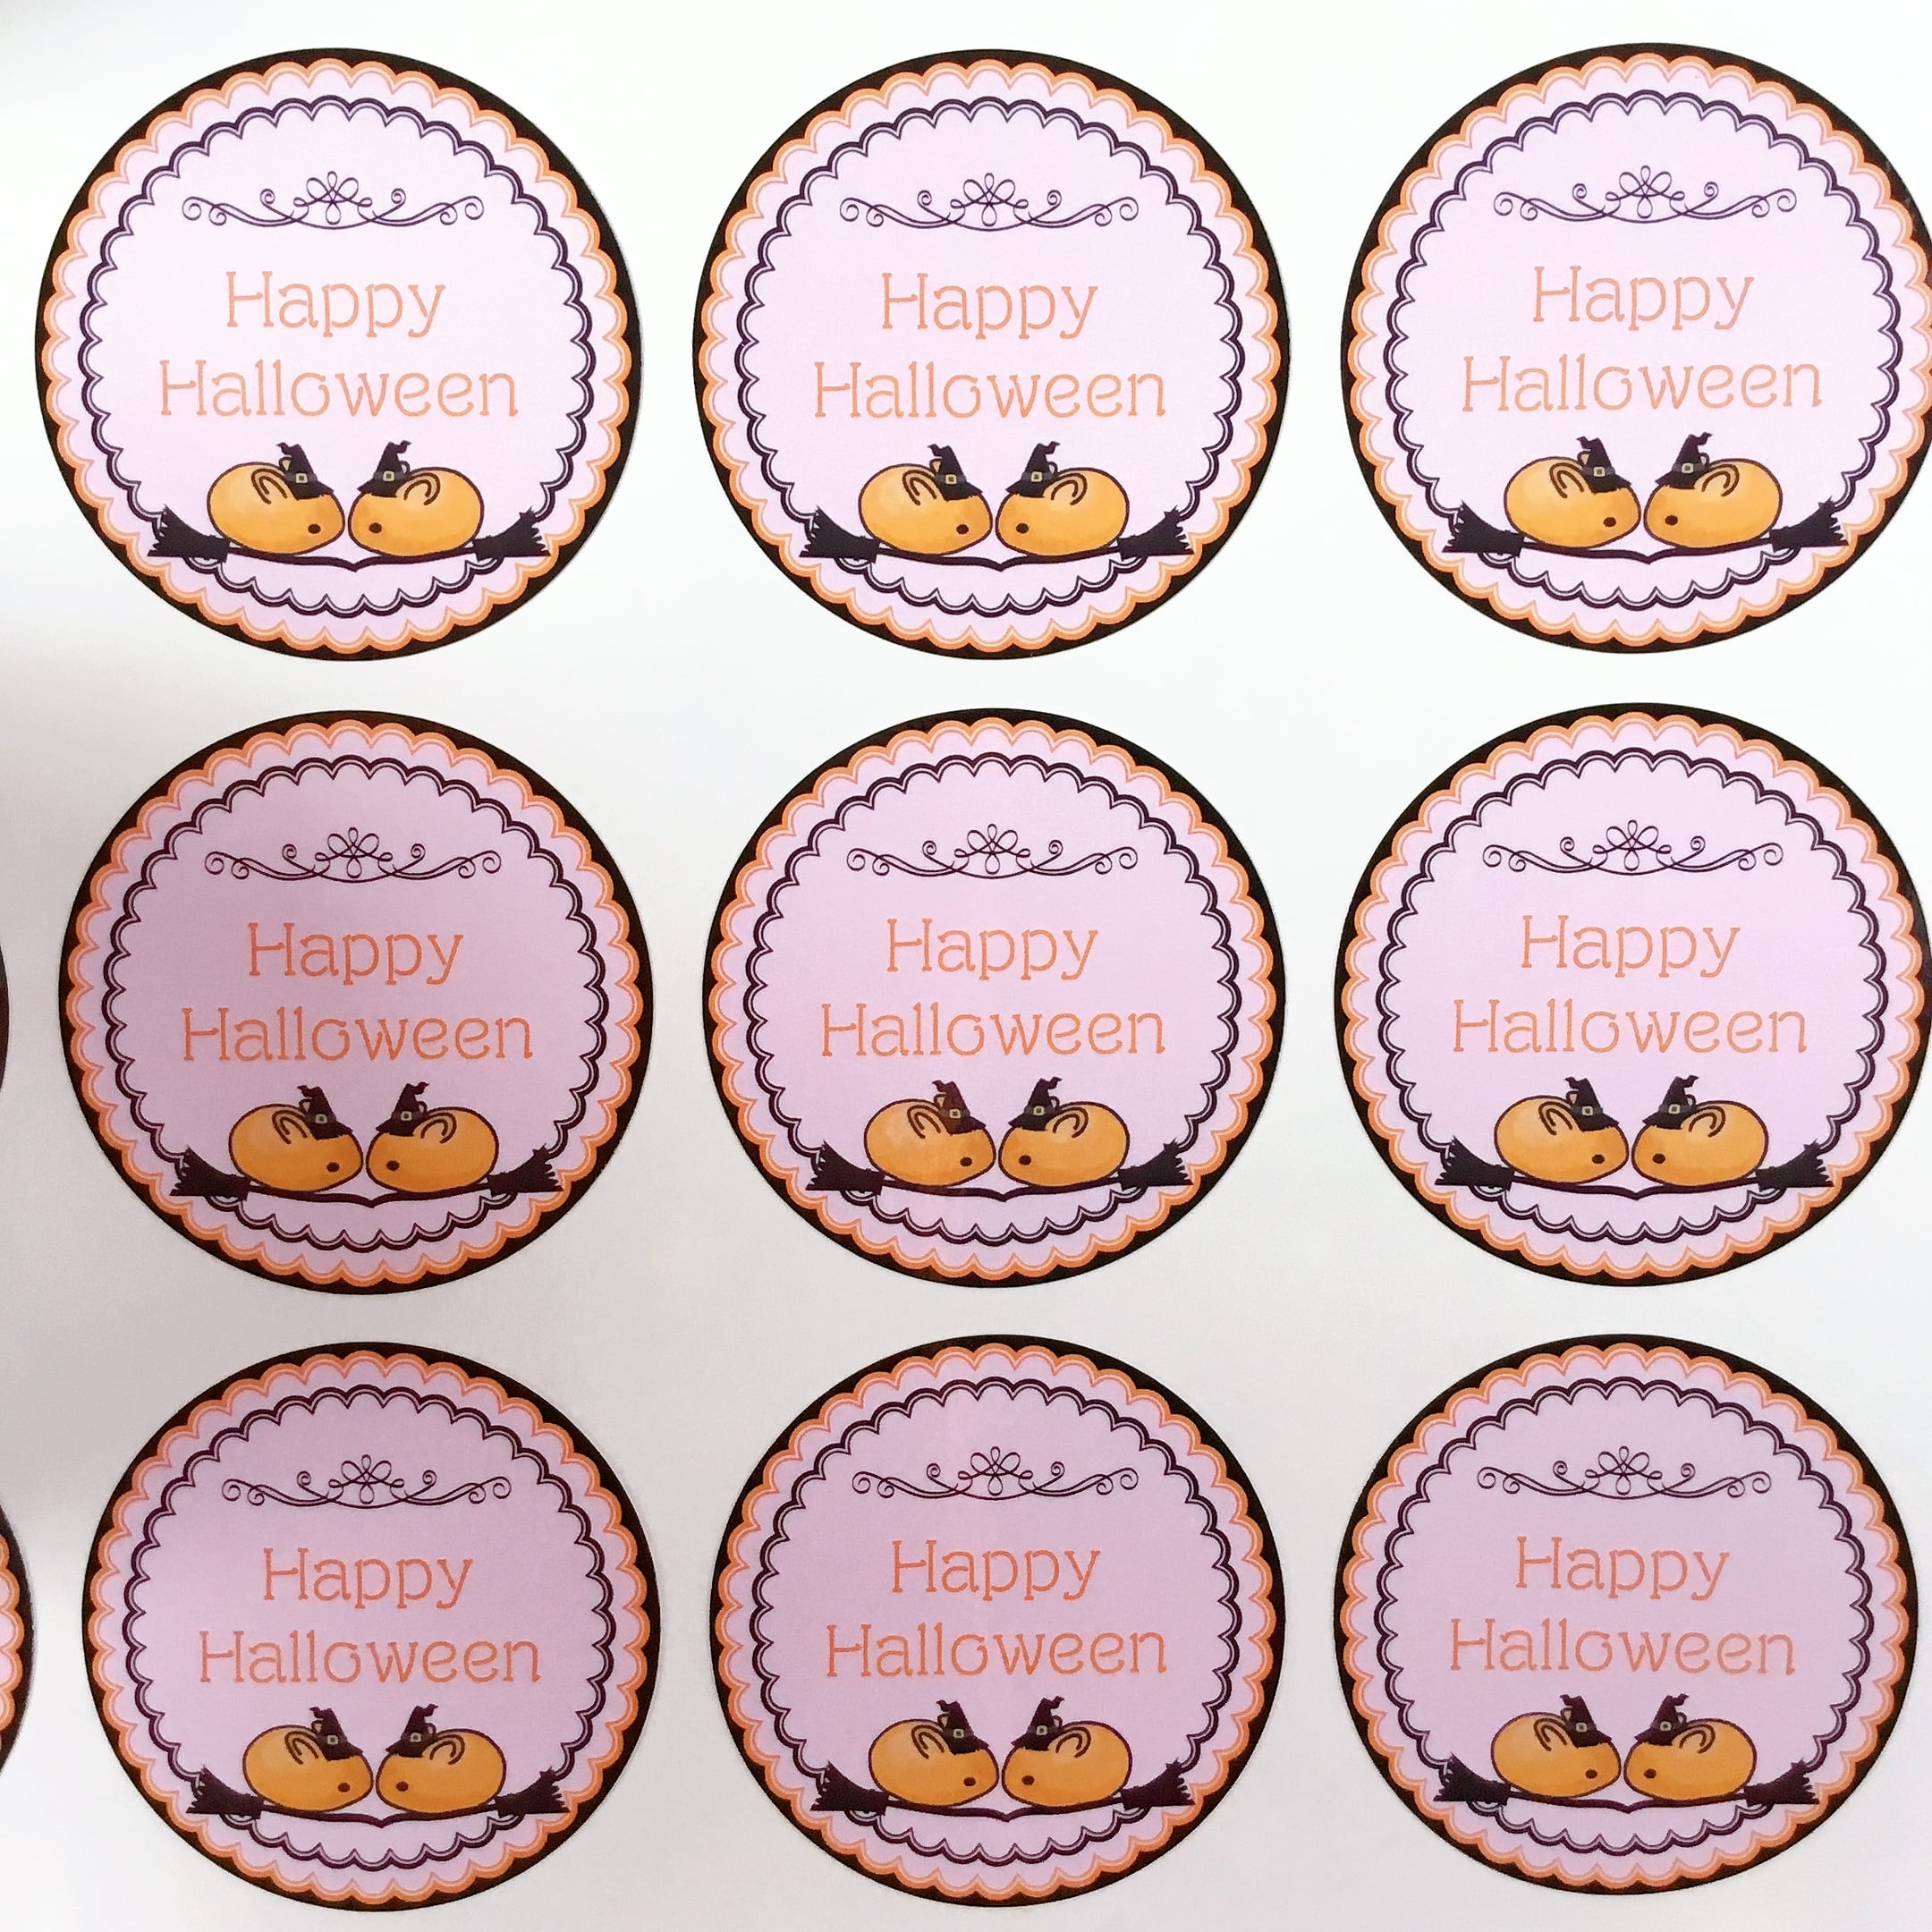 ≪常温便≫レギュラー味6羽セット(プレーン2羽、黒糖2羽、シークヮーサー2羽)(焼き菓子/フィナンシェ/お菓子ギフト)